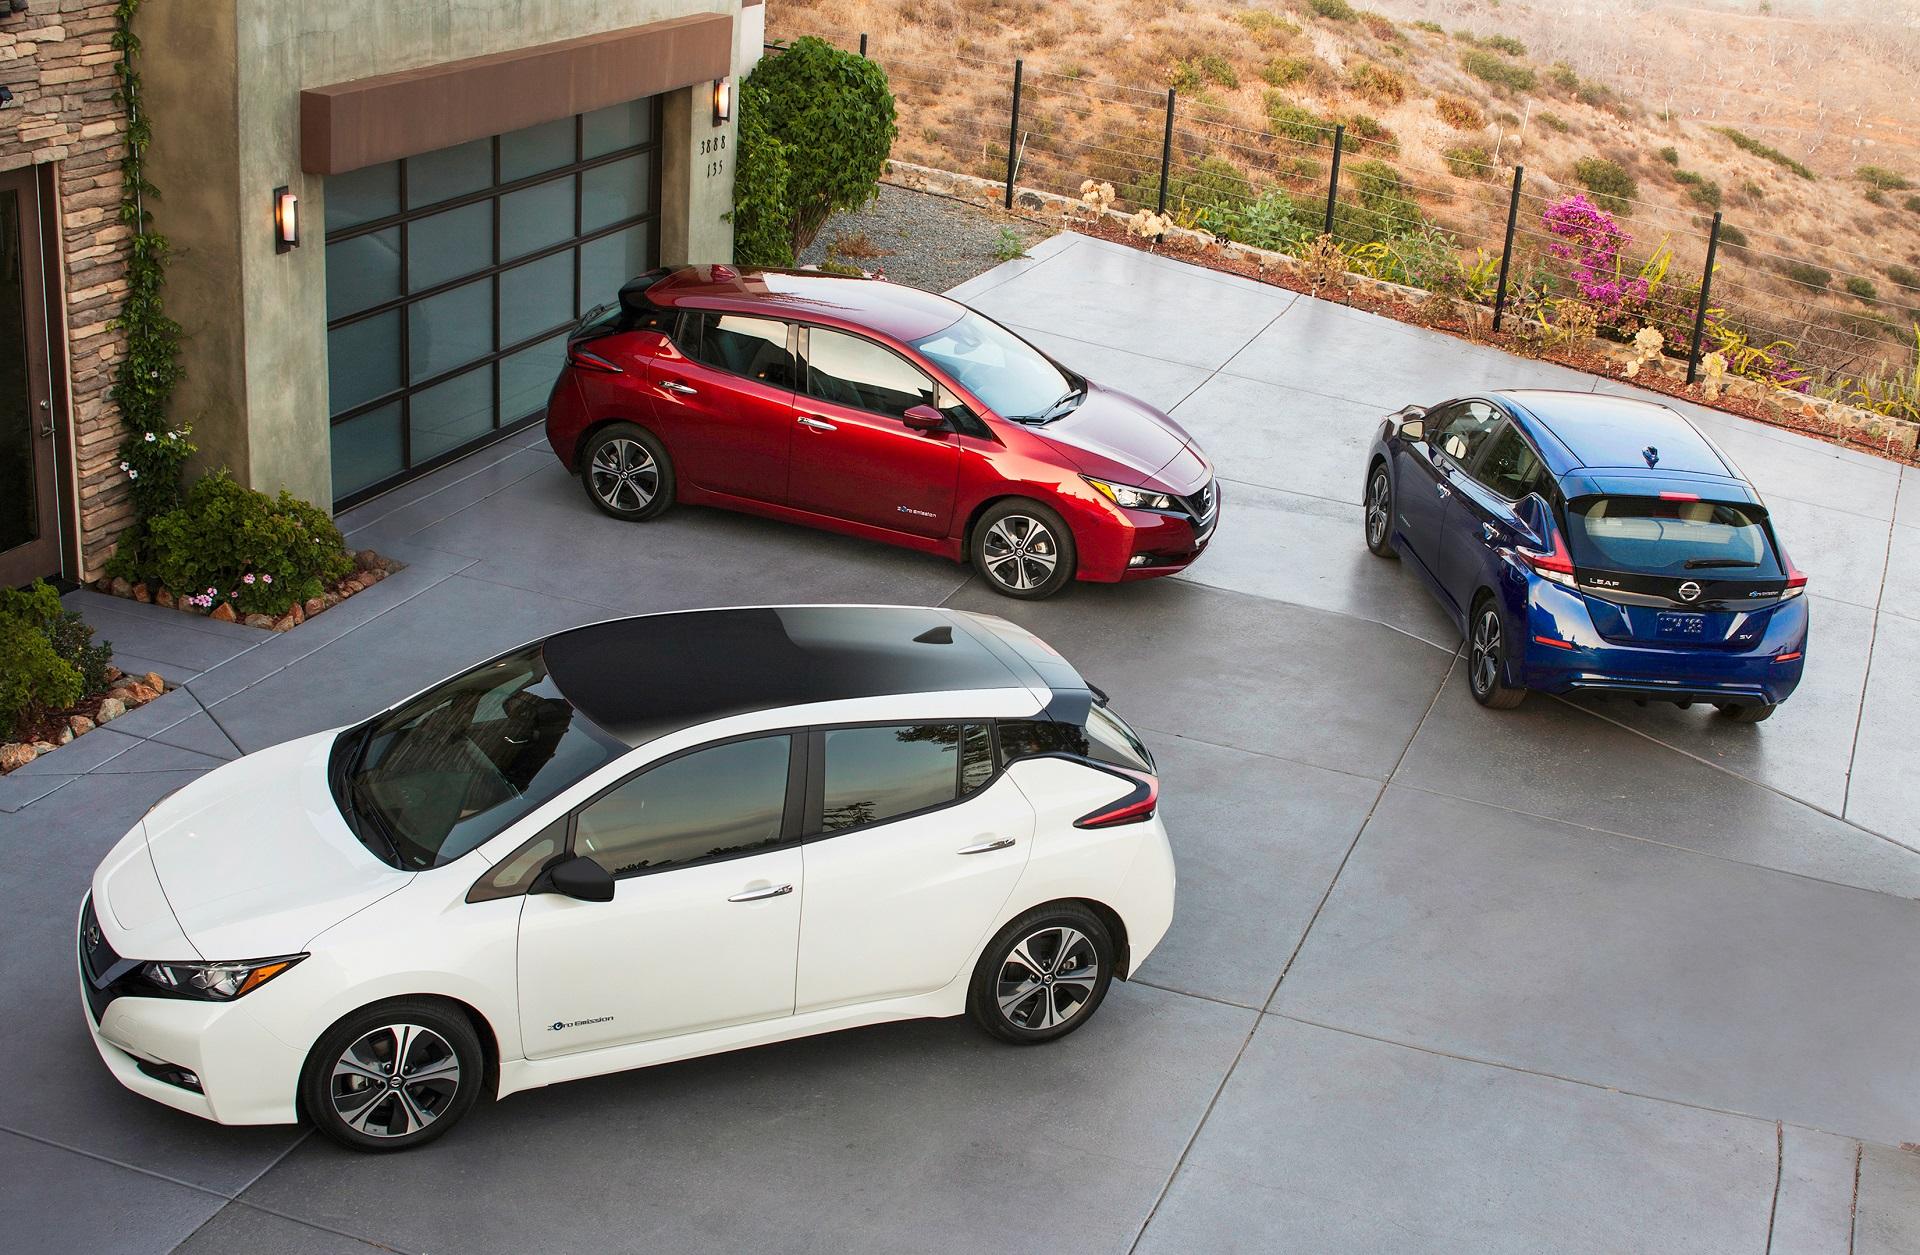 Nissan Leaf Range >> 2018 Nissan Leaf Electric Car Gets 151 Mile Epa Range Rating